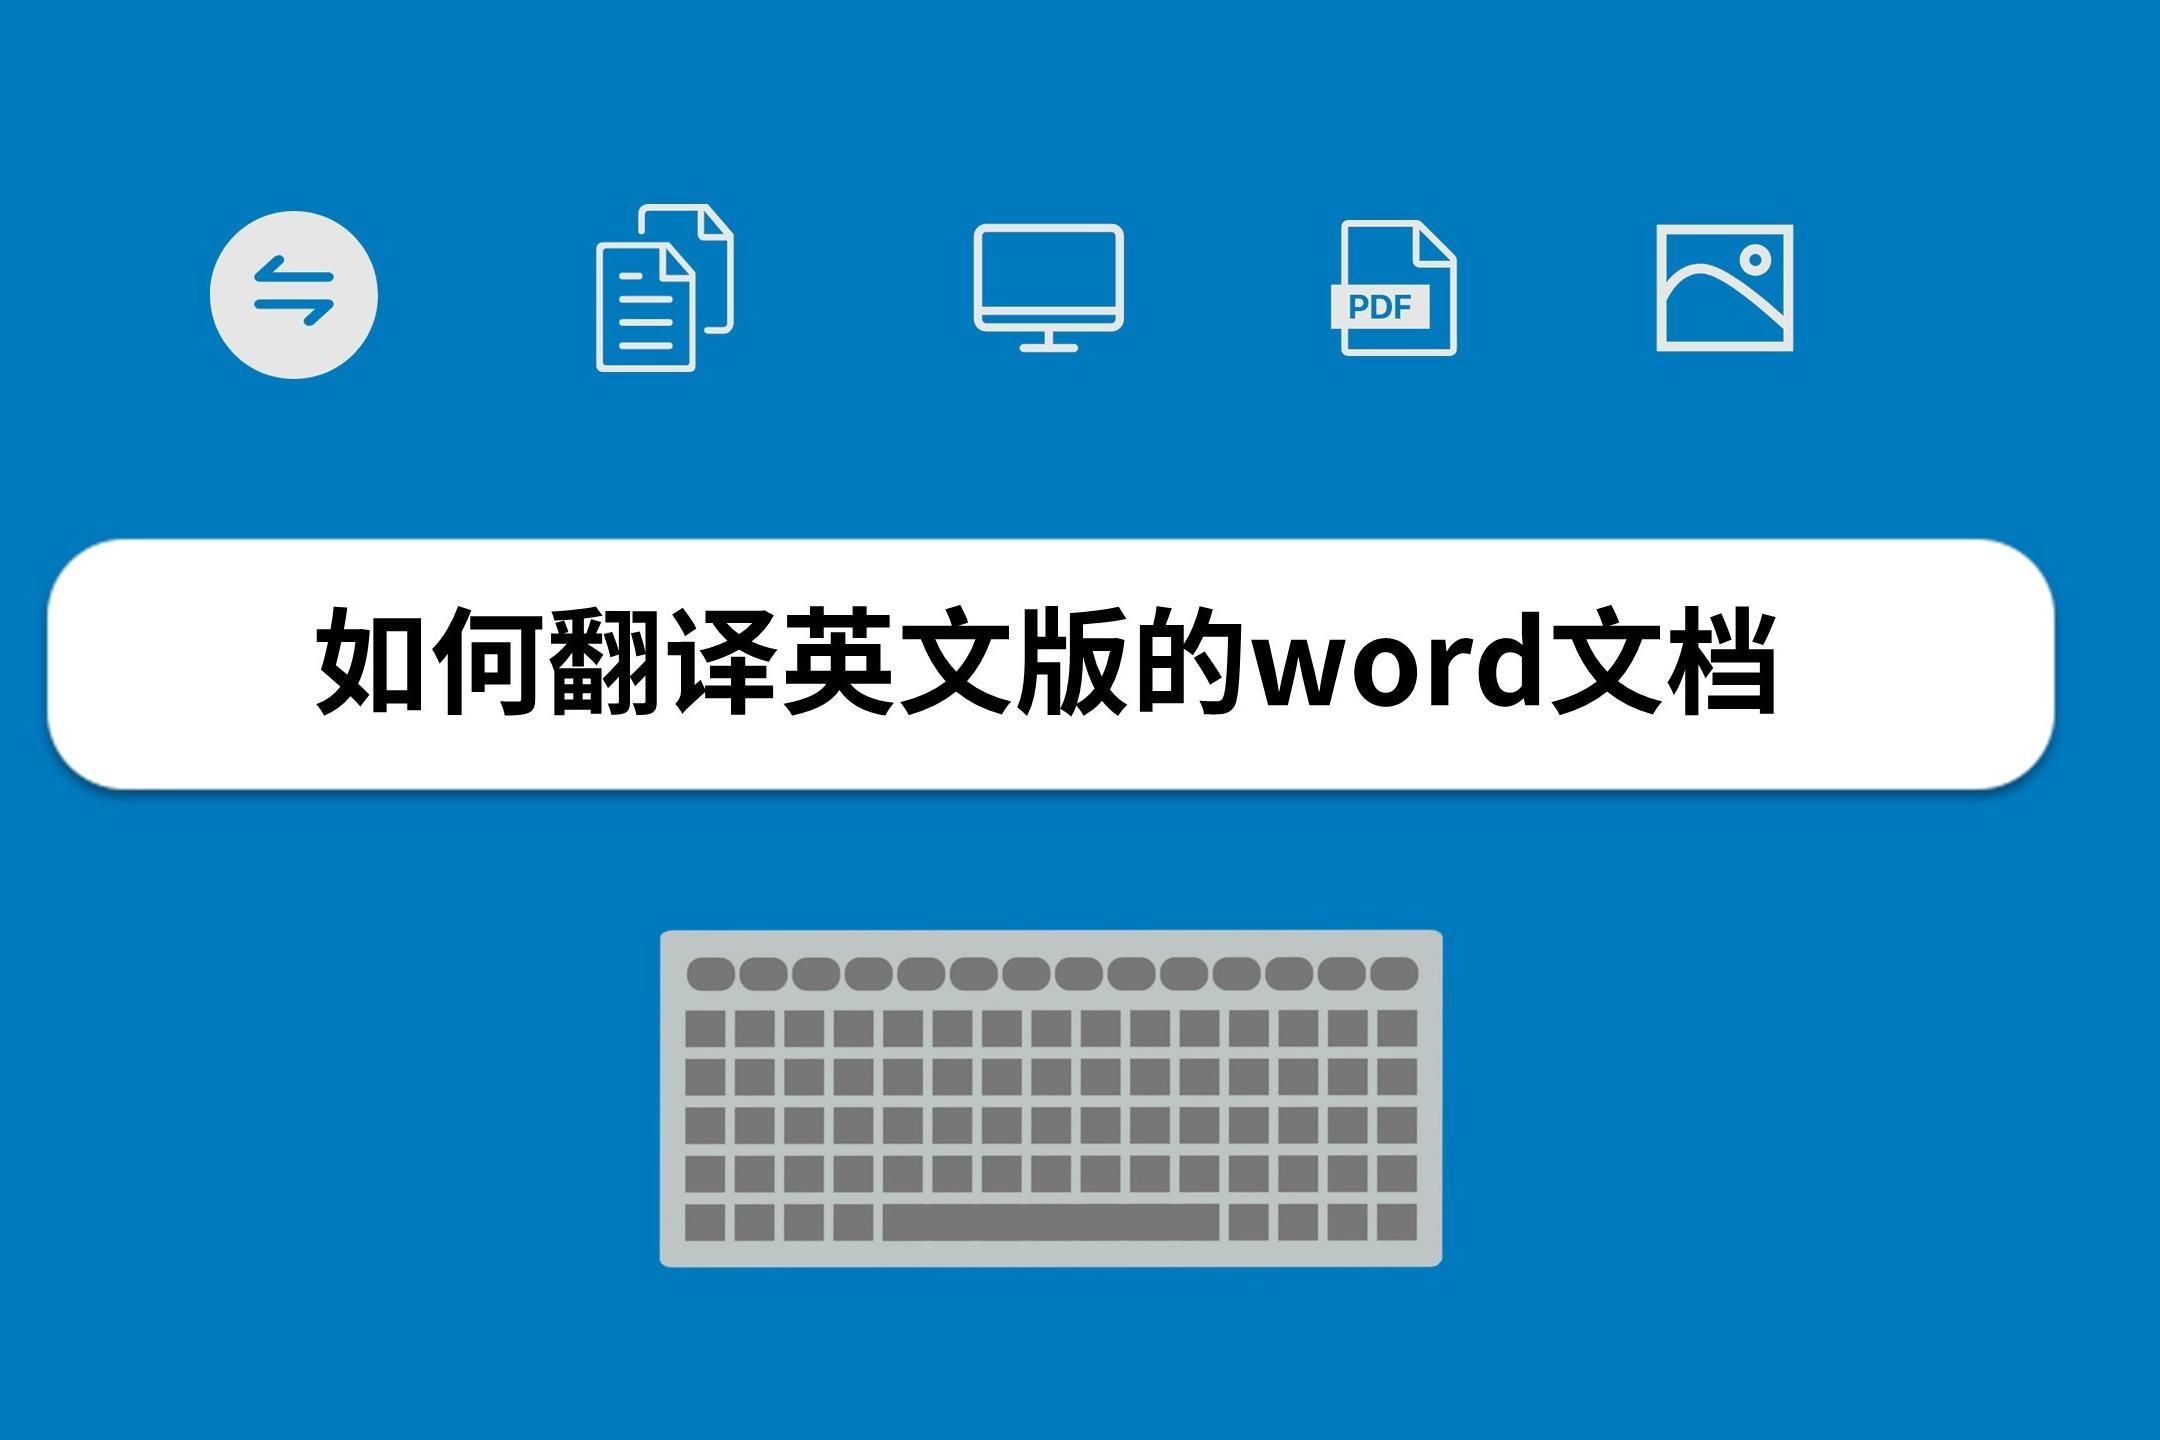 如何翻译英文版word文档成中文,便捷的翻译方法